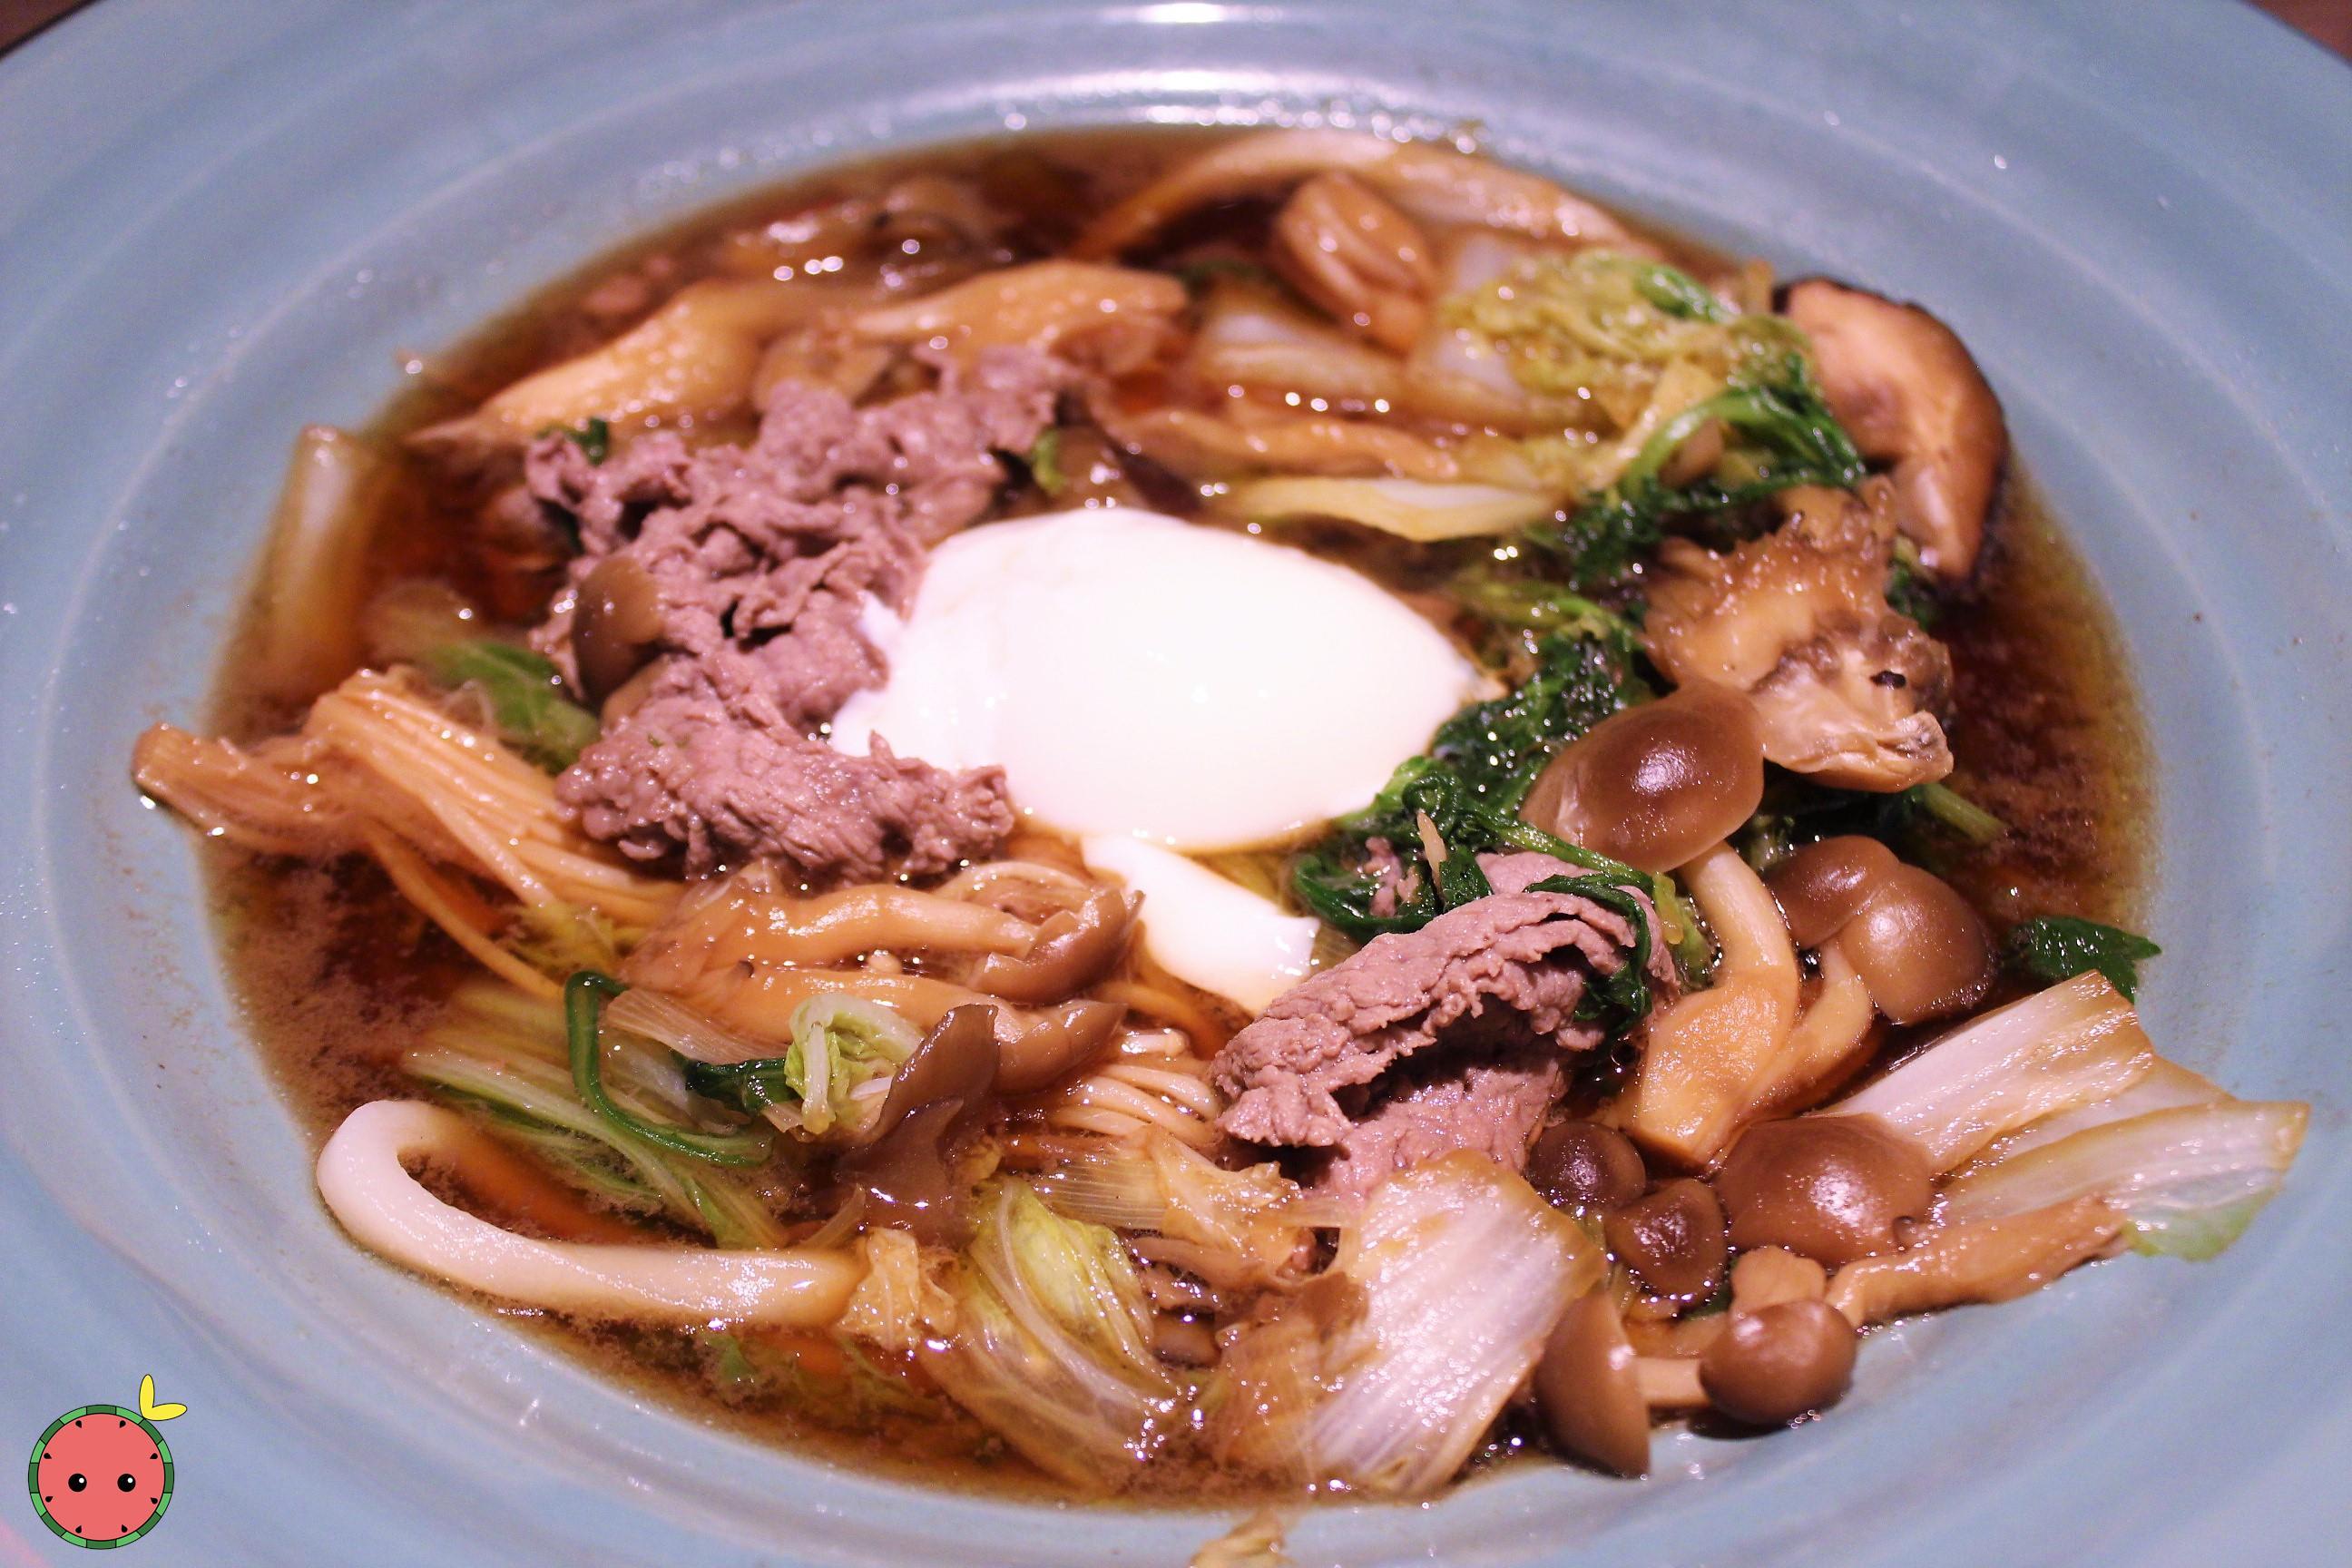 US Wagyu and Mushroom Sukiyaki - Wagyu Beef, shimeji, oyster, and enoki mushroom, & vegetables in sw